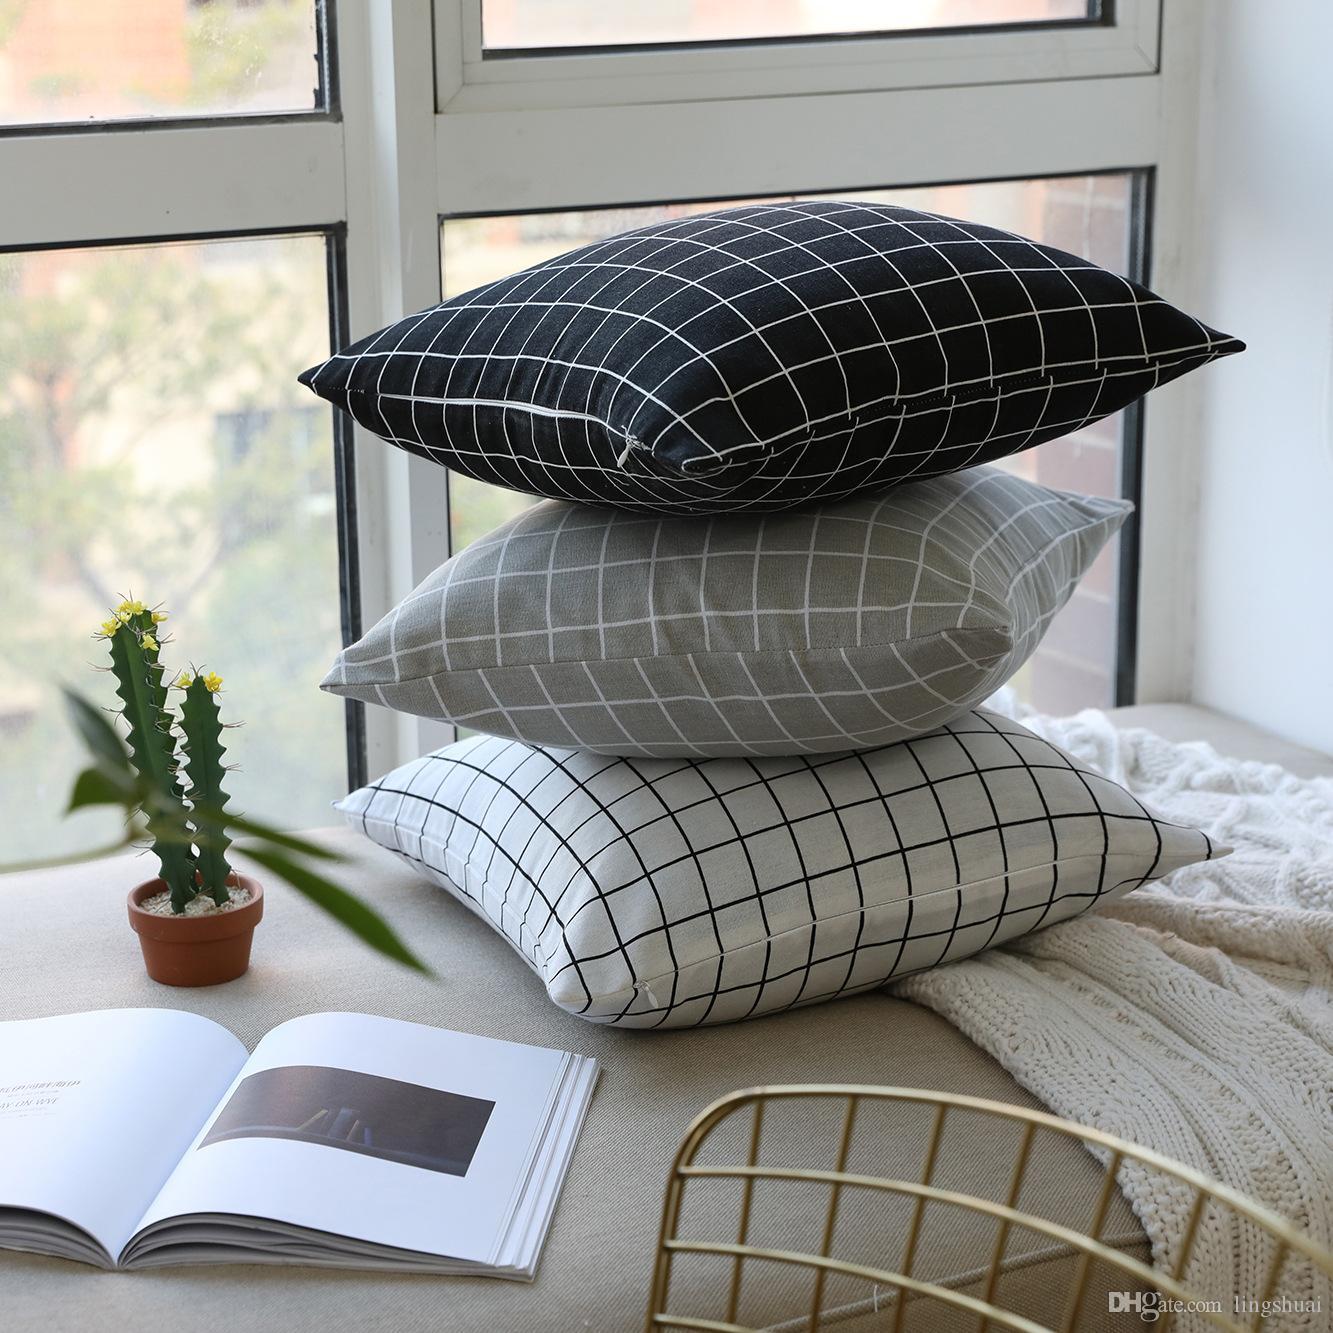 Noir et blanc gris géométrique plaid Housse de coussin taies d'oreiller Coton lin Housses de coussin Canapé 45x45cm et 60x60cm Housse de coussin Pas de garnissage